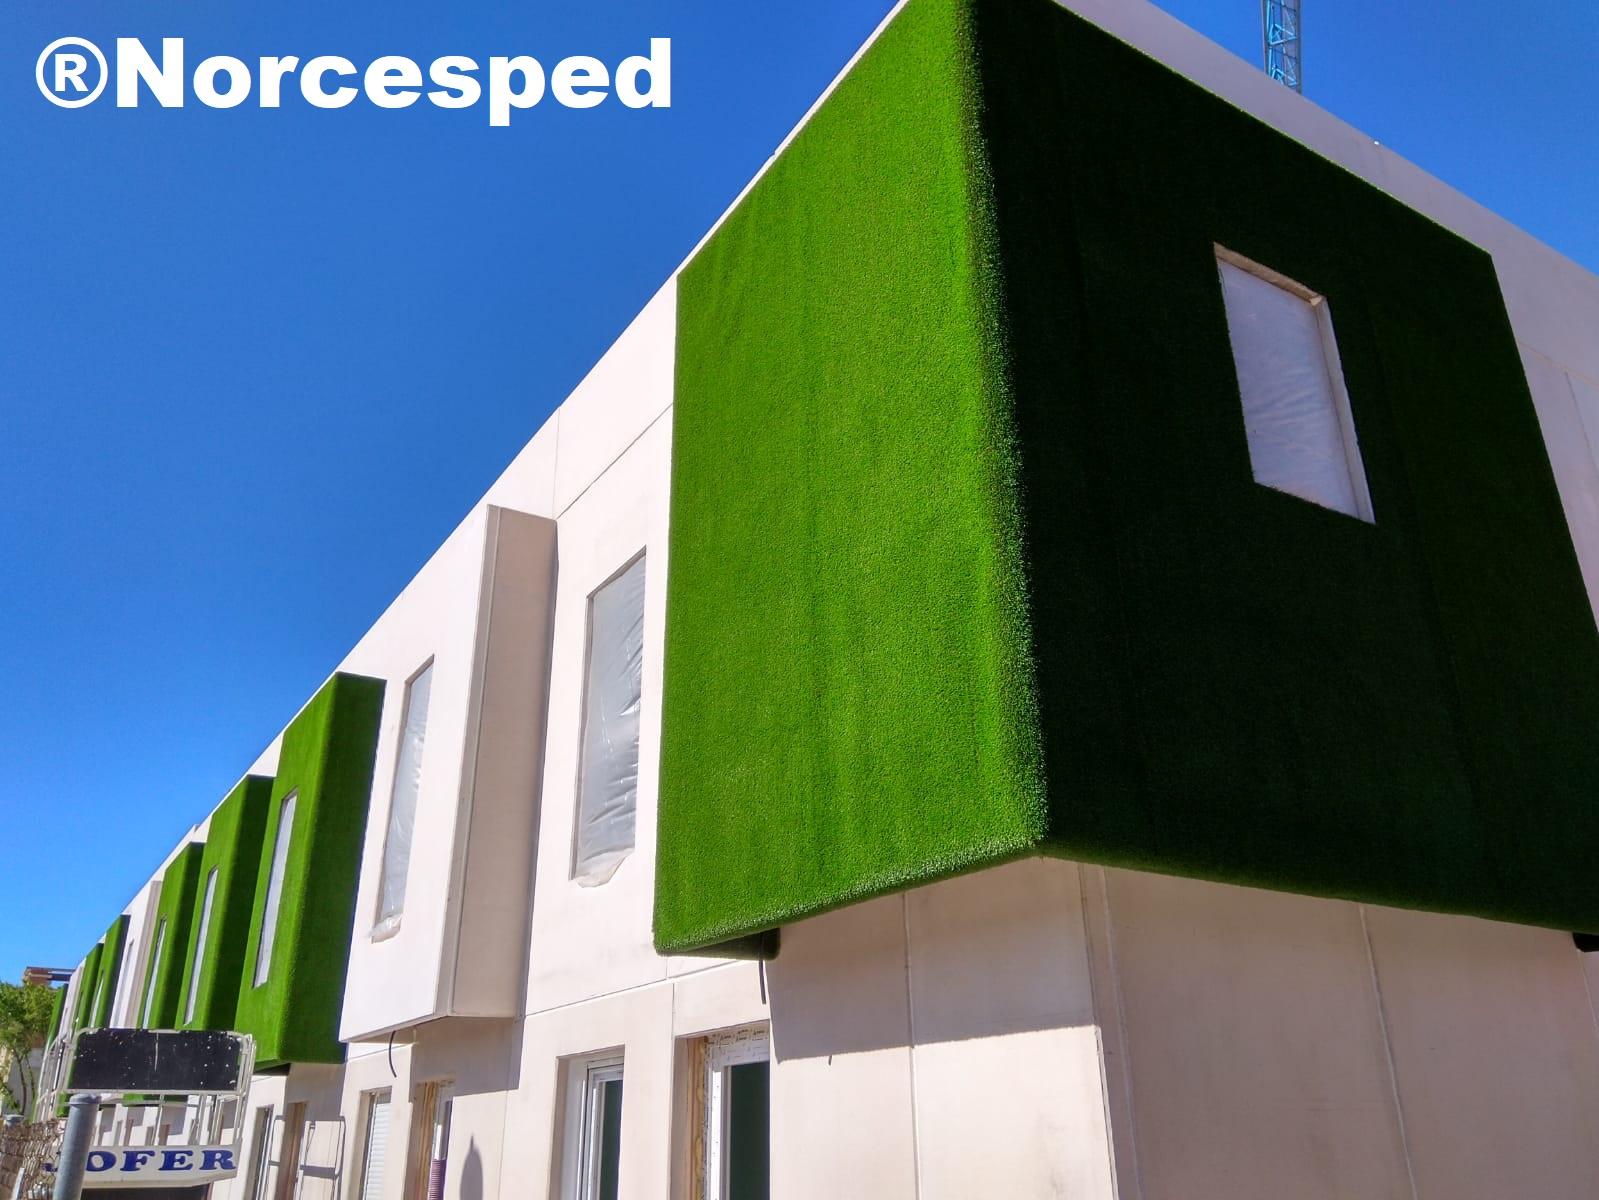 césped artificial en fachadas y paredes